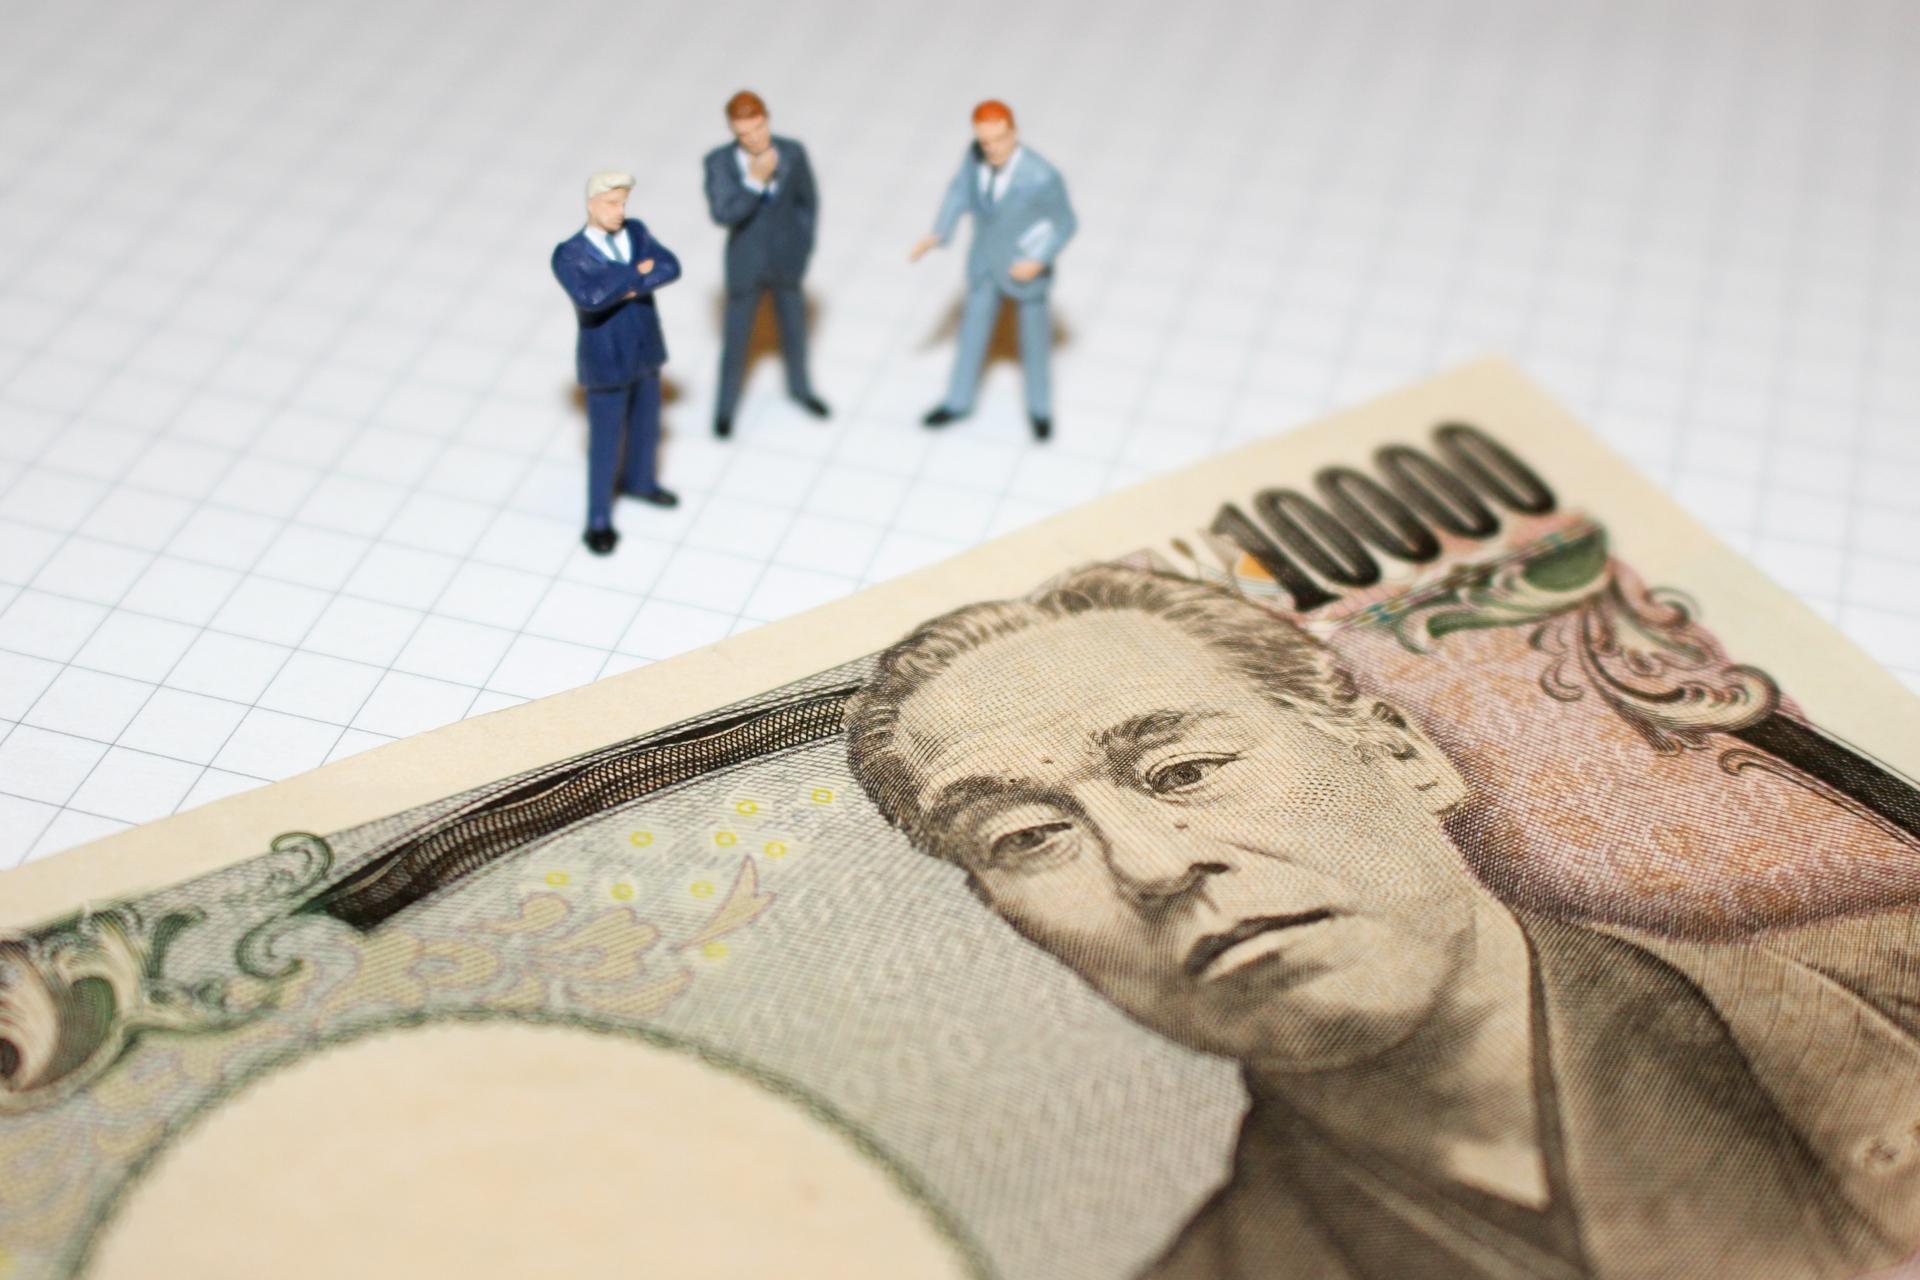 起業時の融資を受けるためには。制度の内容を理解して準備を整えよう